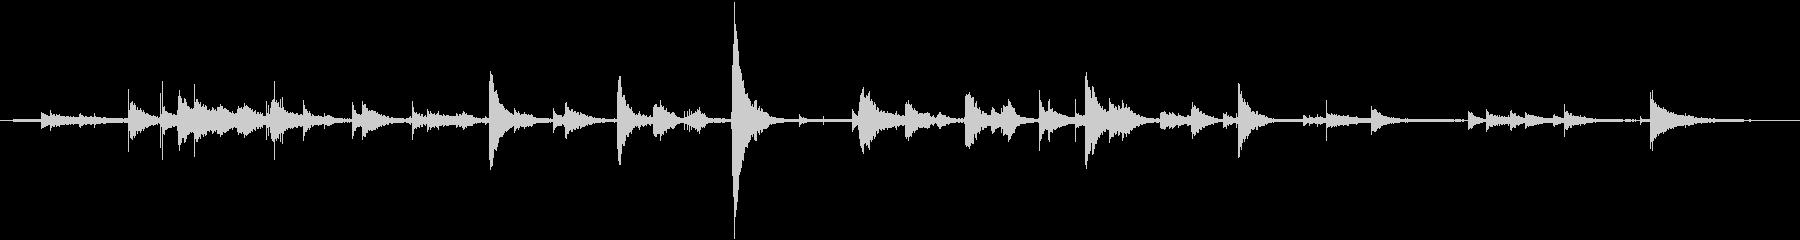 管状ベル風チャイム:常時鳴っている...の未再生の波形